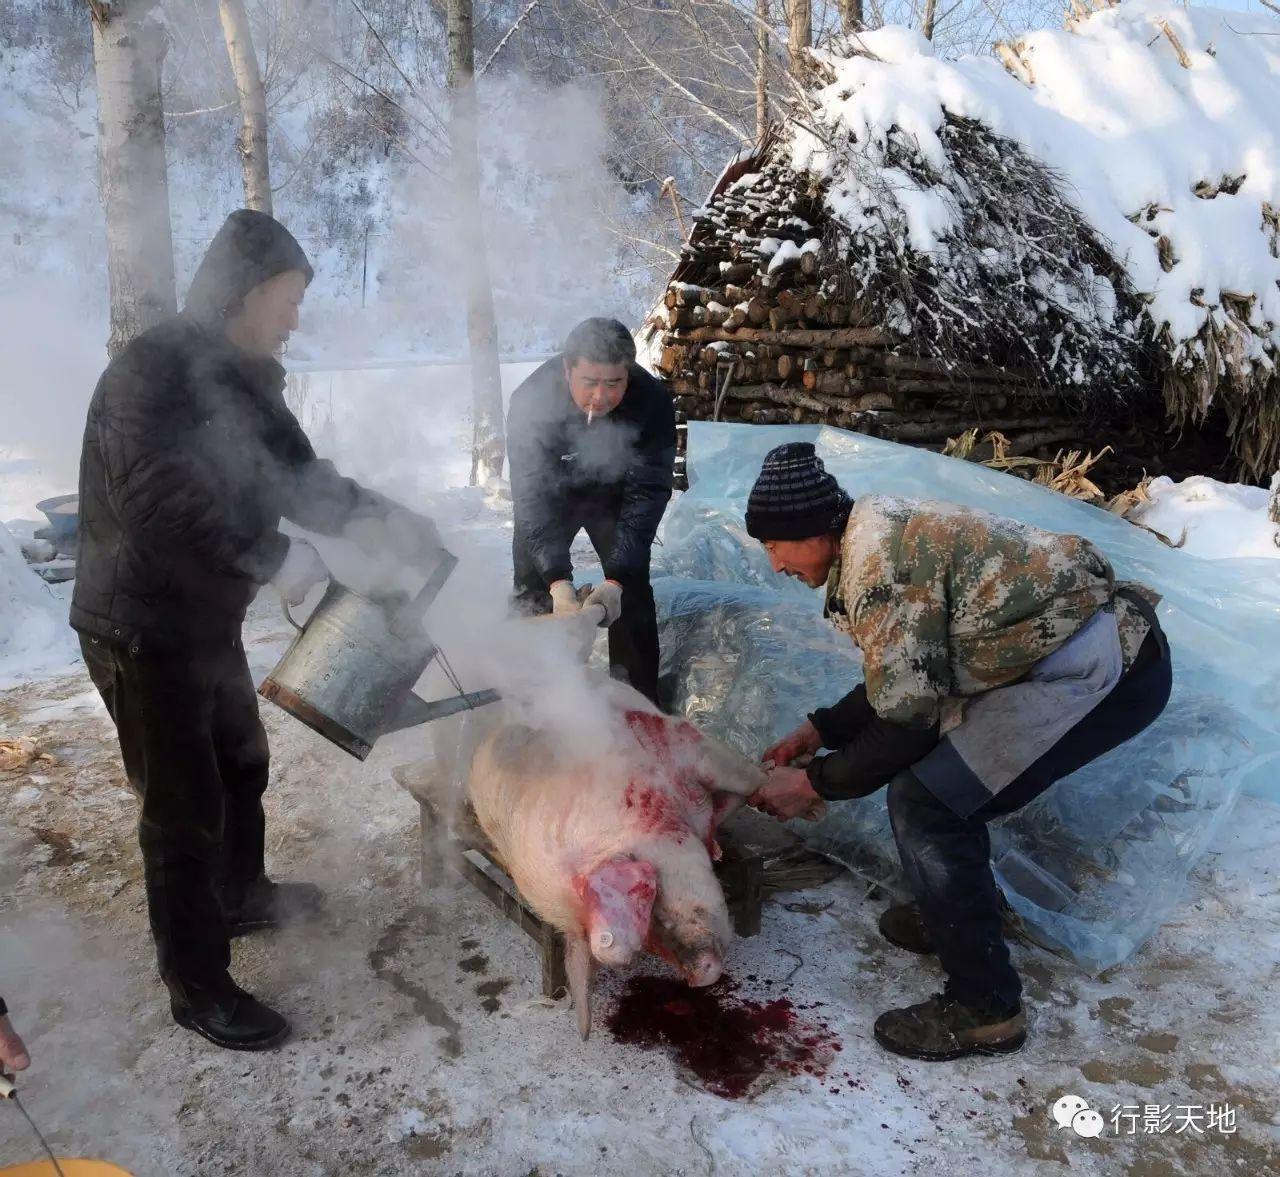 冰天雪地杀年猪 热气腾腾东北味_搜狐文化_搜狐网